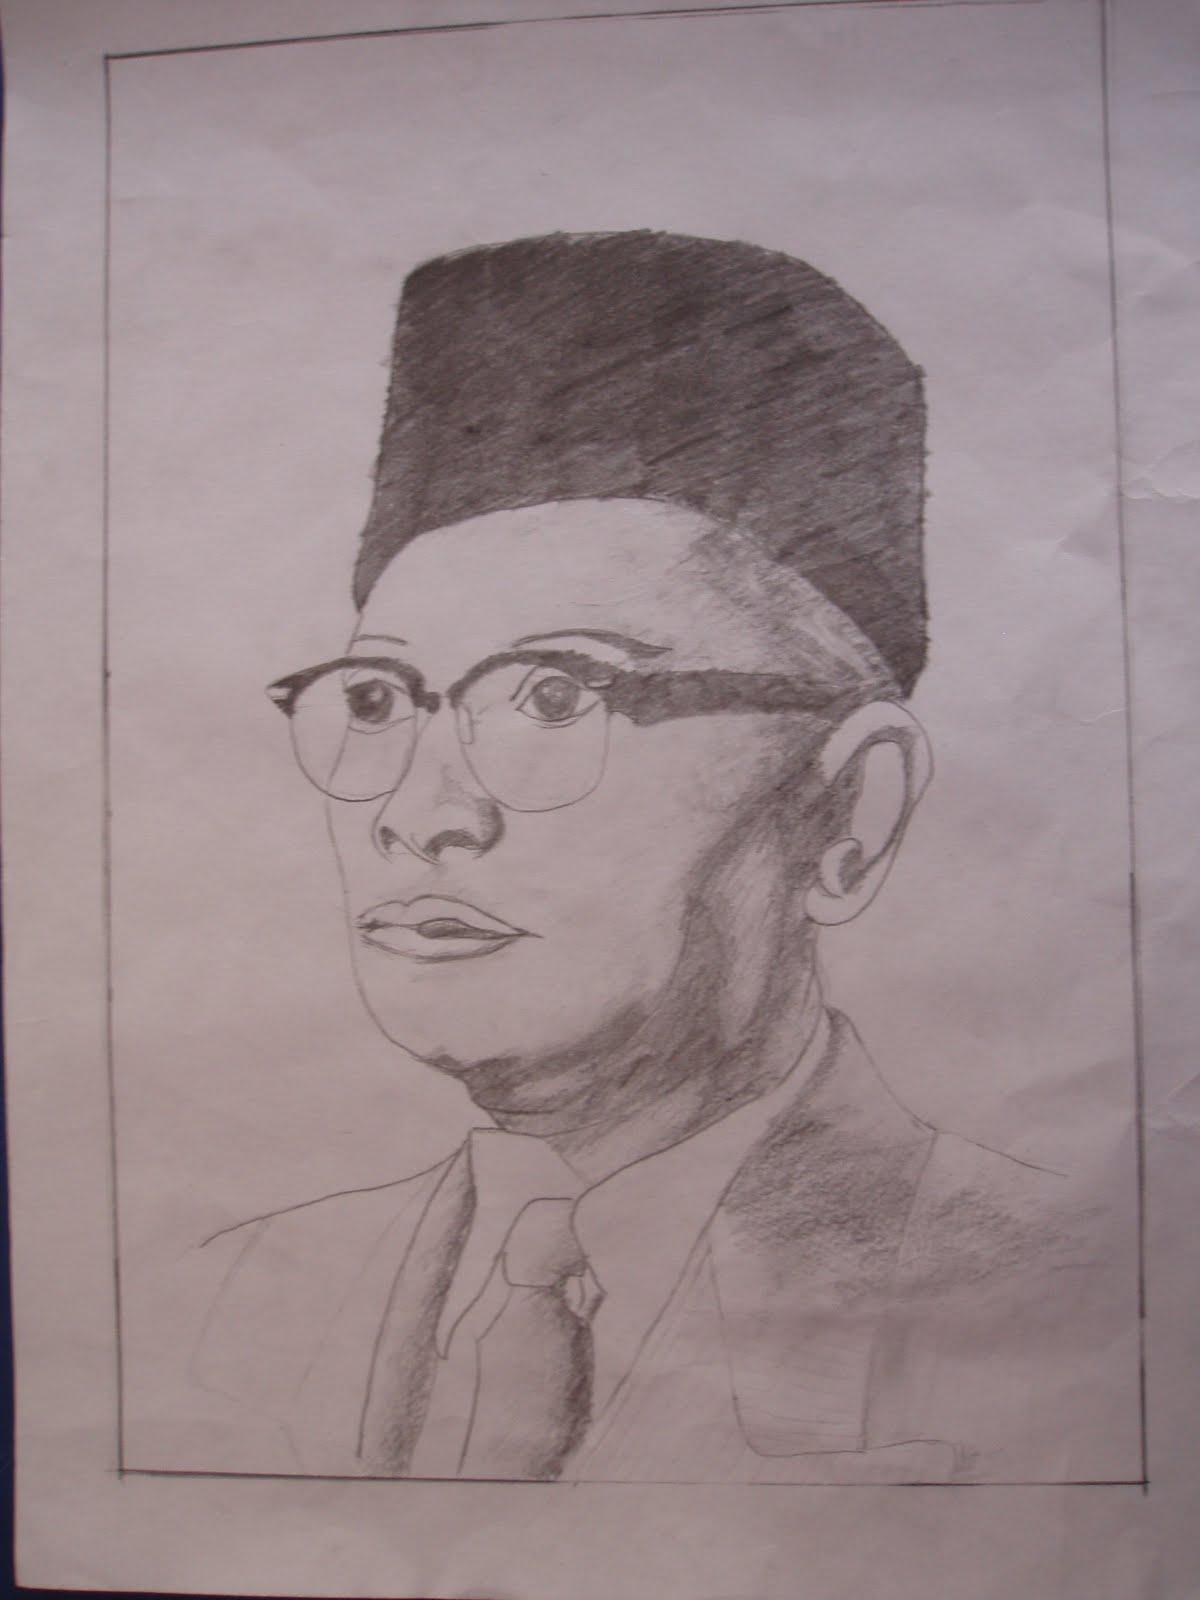 potret tokoh tokoh perjuangan kemerdekaan yang dihasilkan oleh pelajar